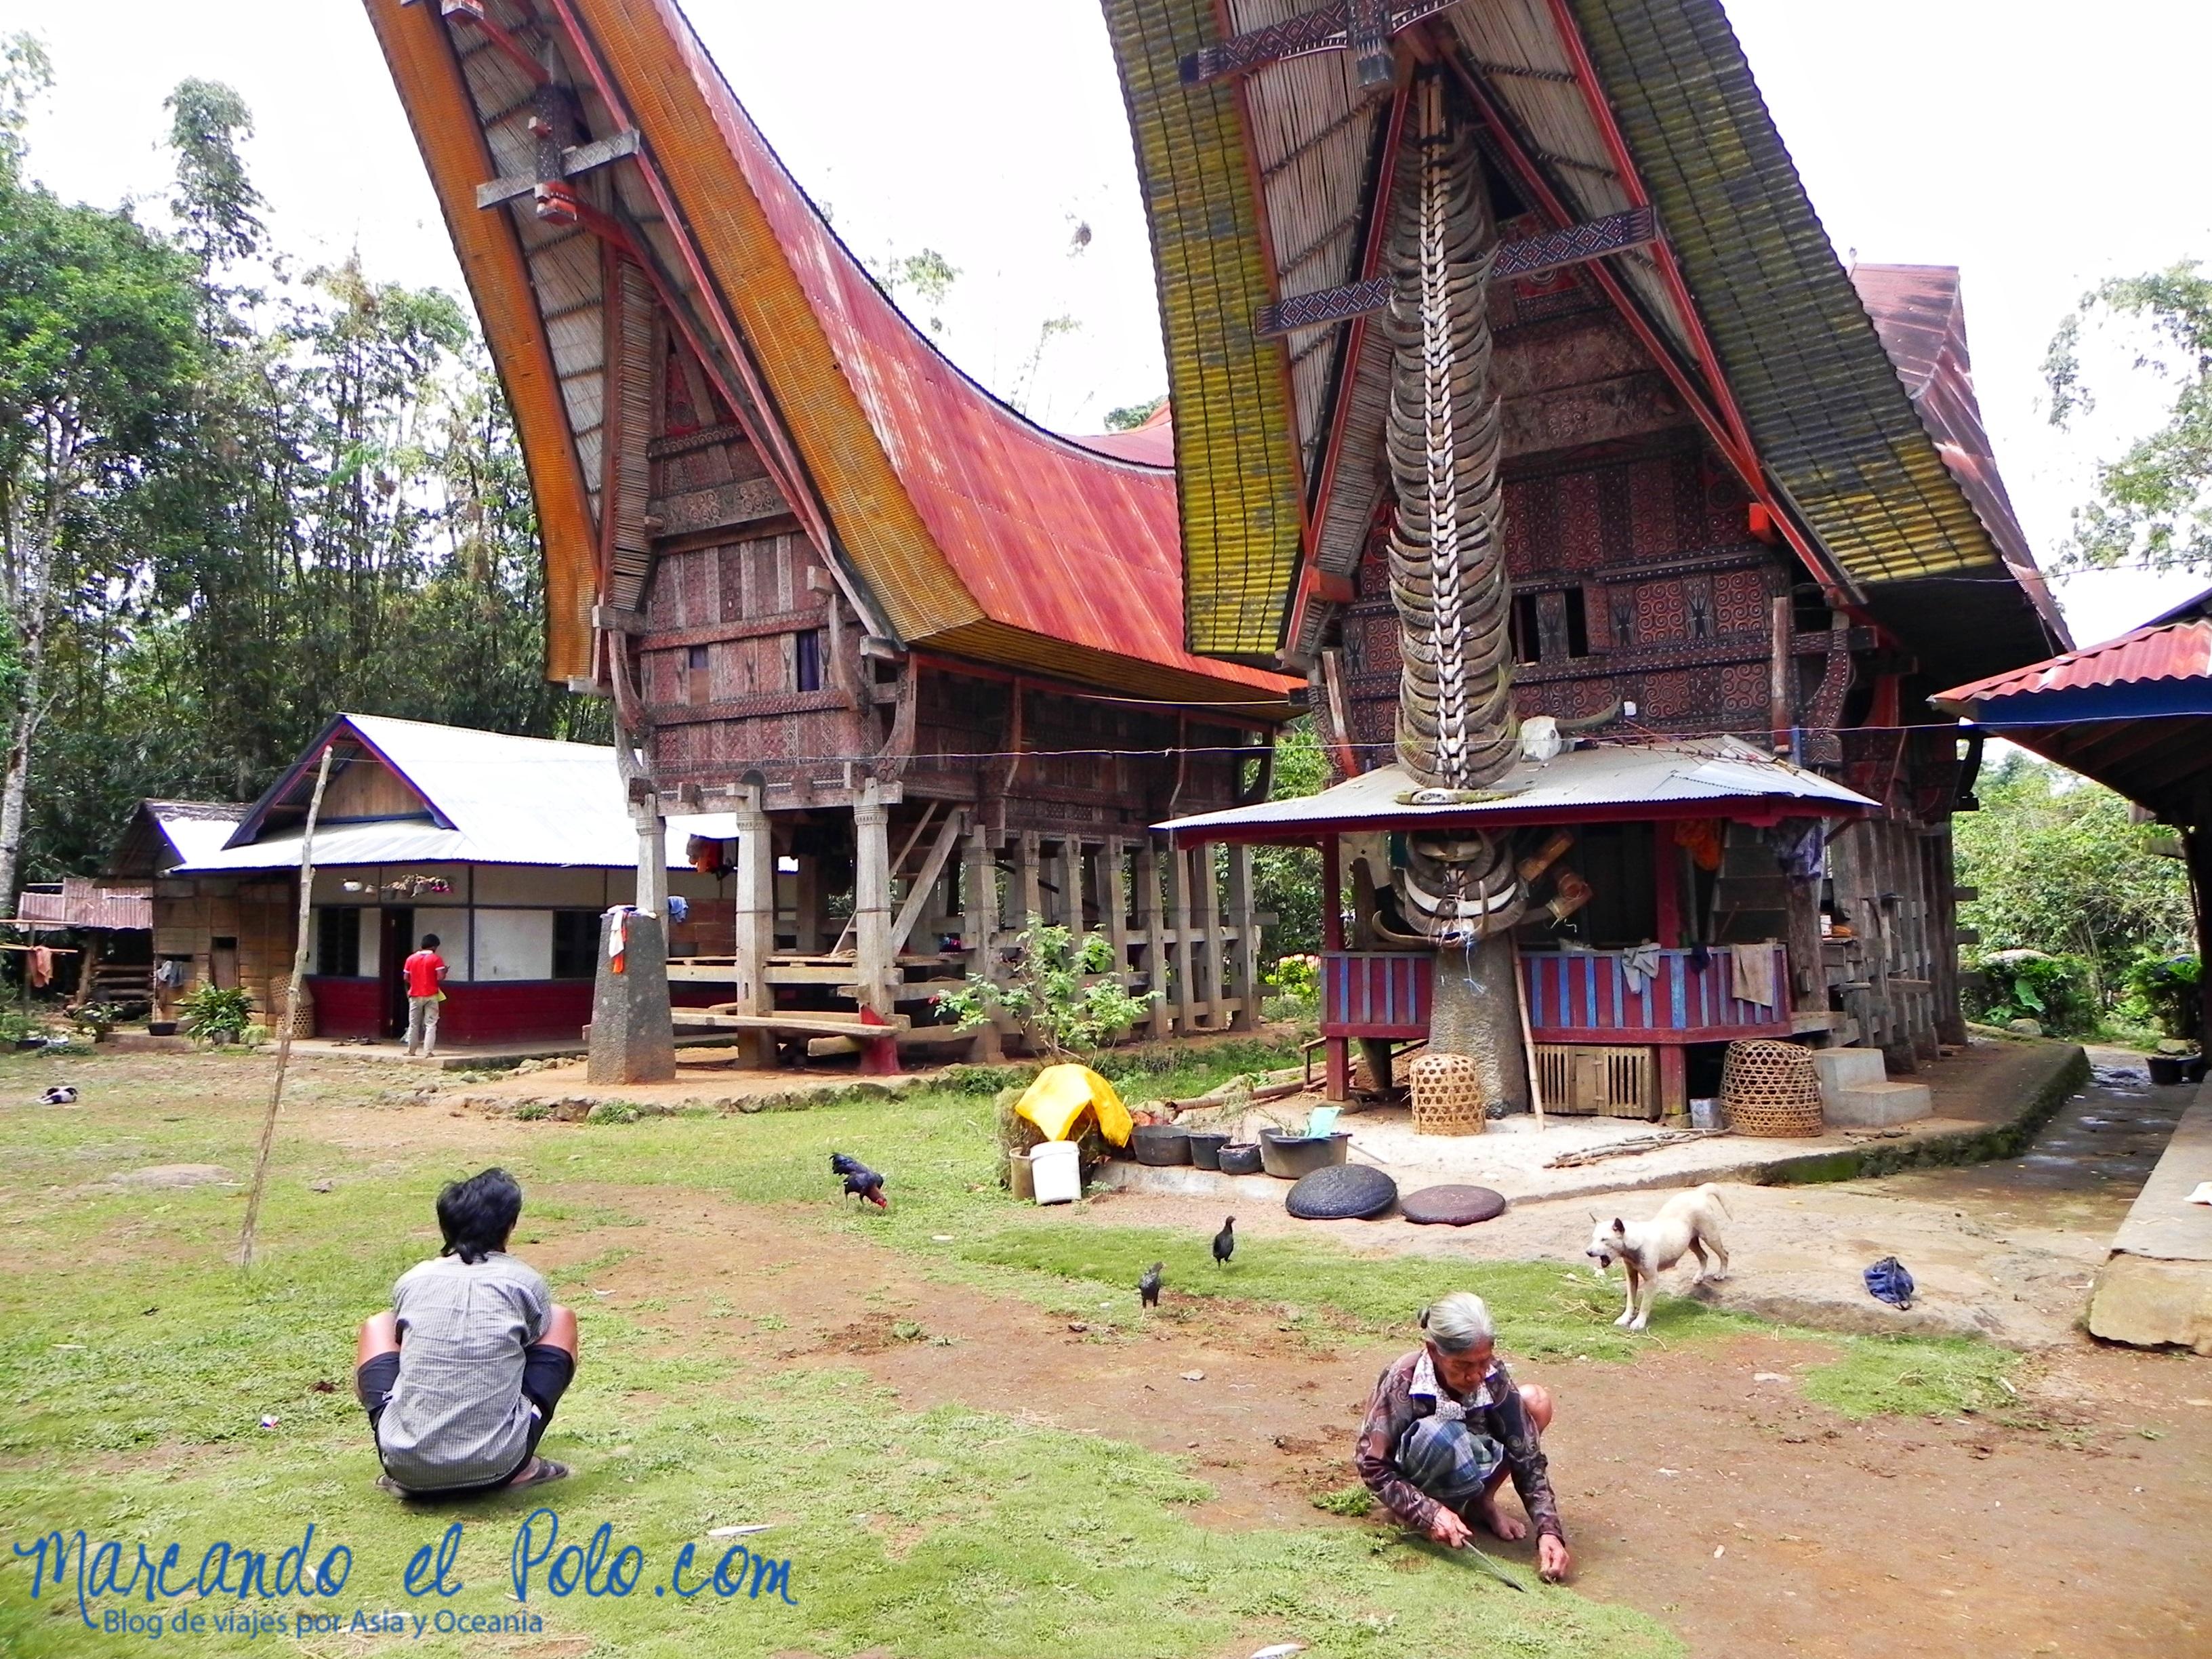 Viajar a Indonesia - Aldea Toraja, Sulawesi